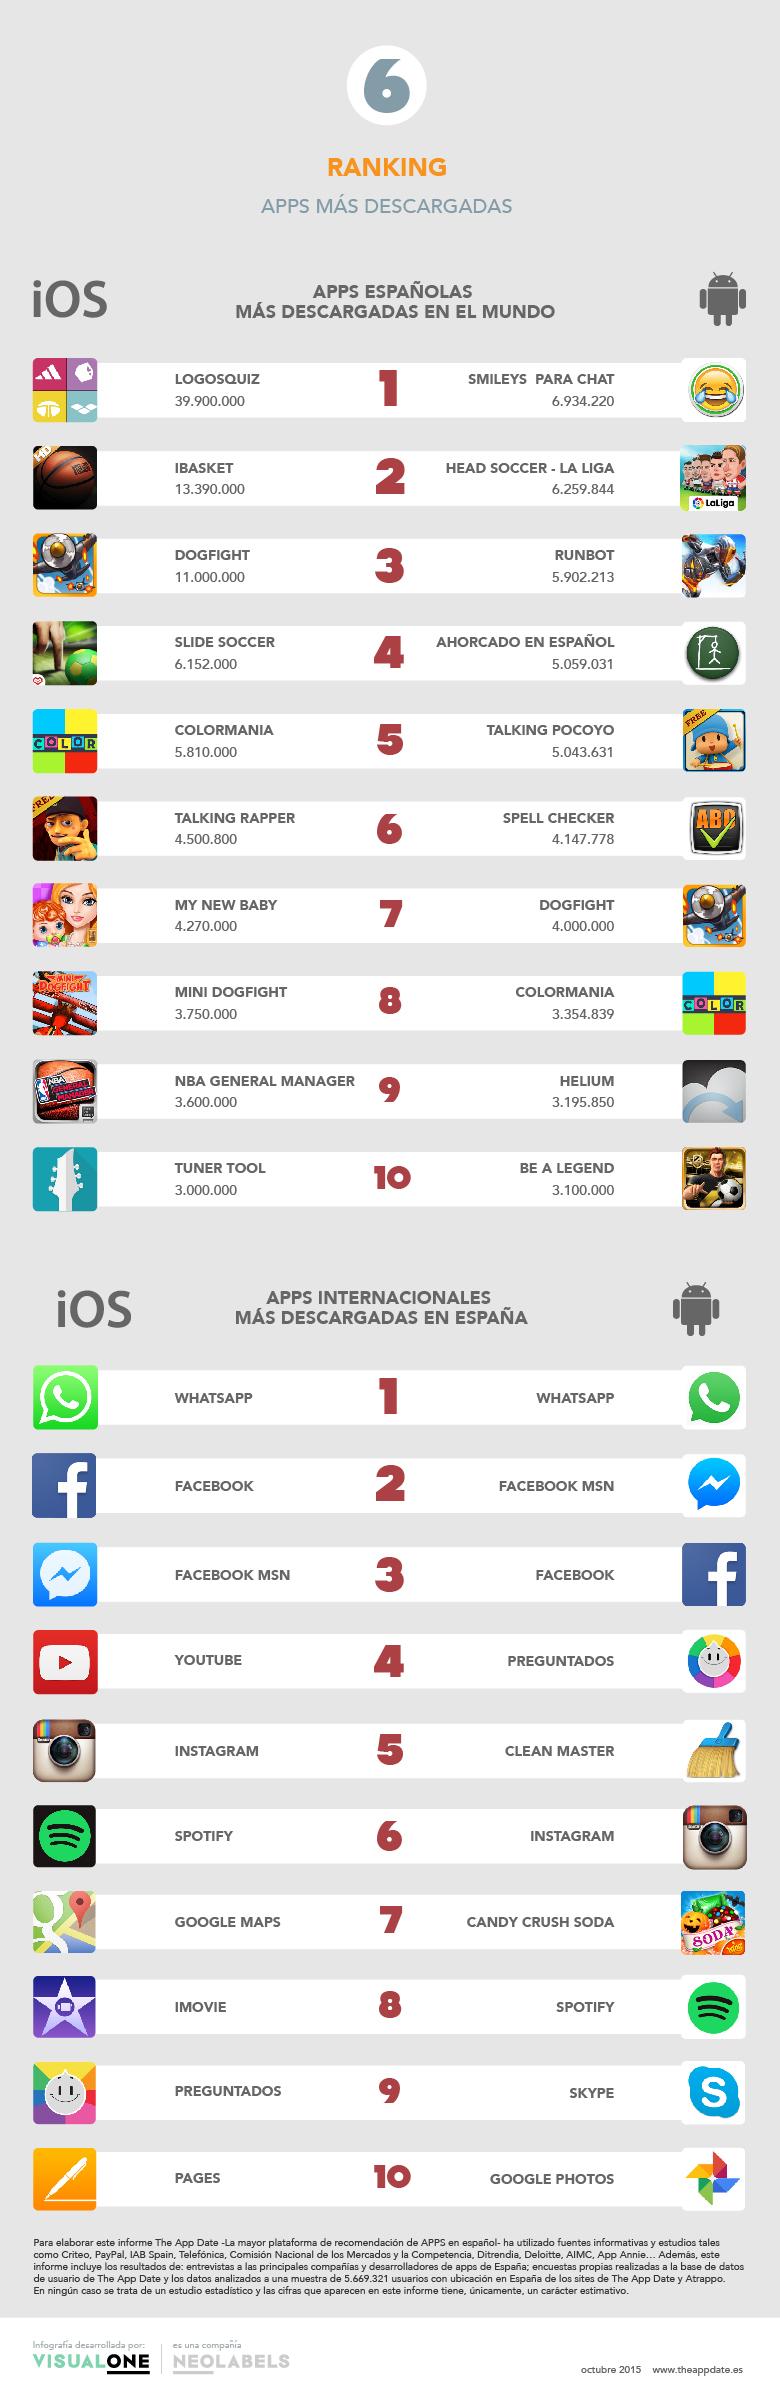 apps-espanolas-mas-descargadas-mundo